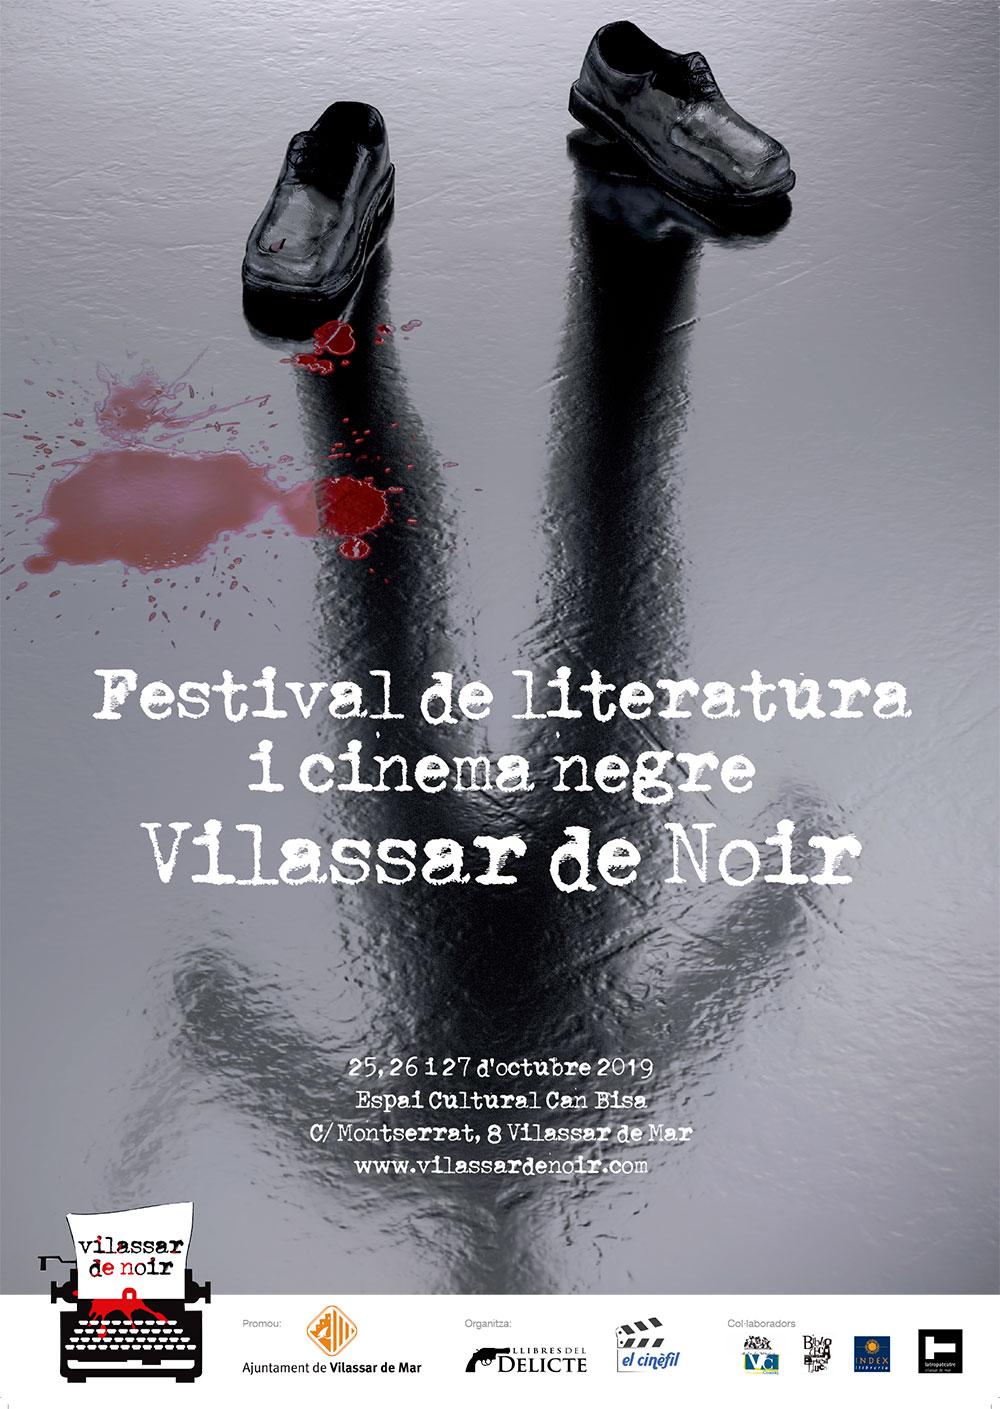 Festival de literatura i cinema negre Vilassar de Noir 2019